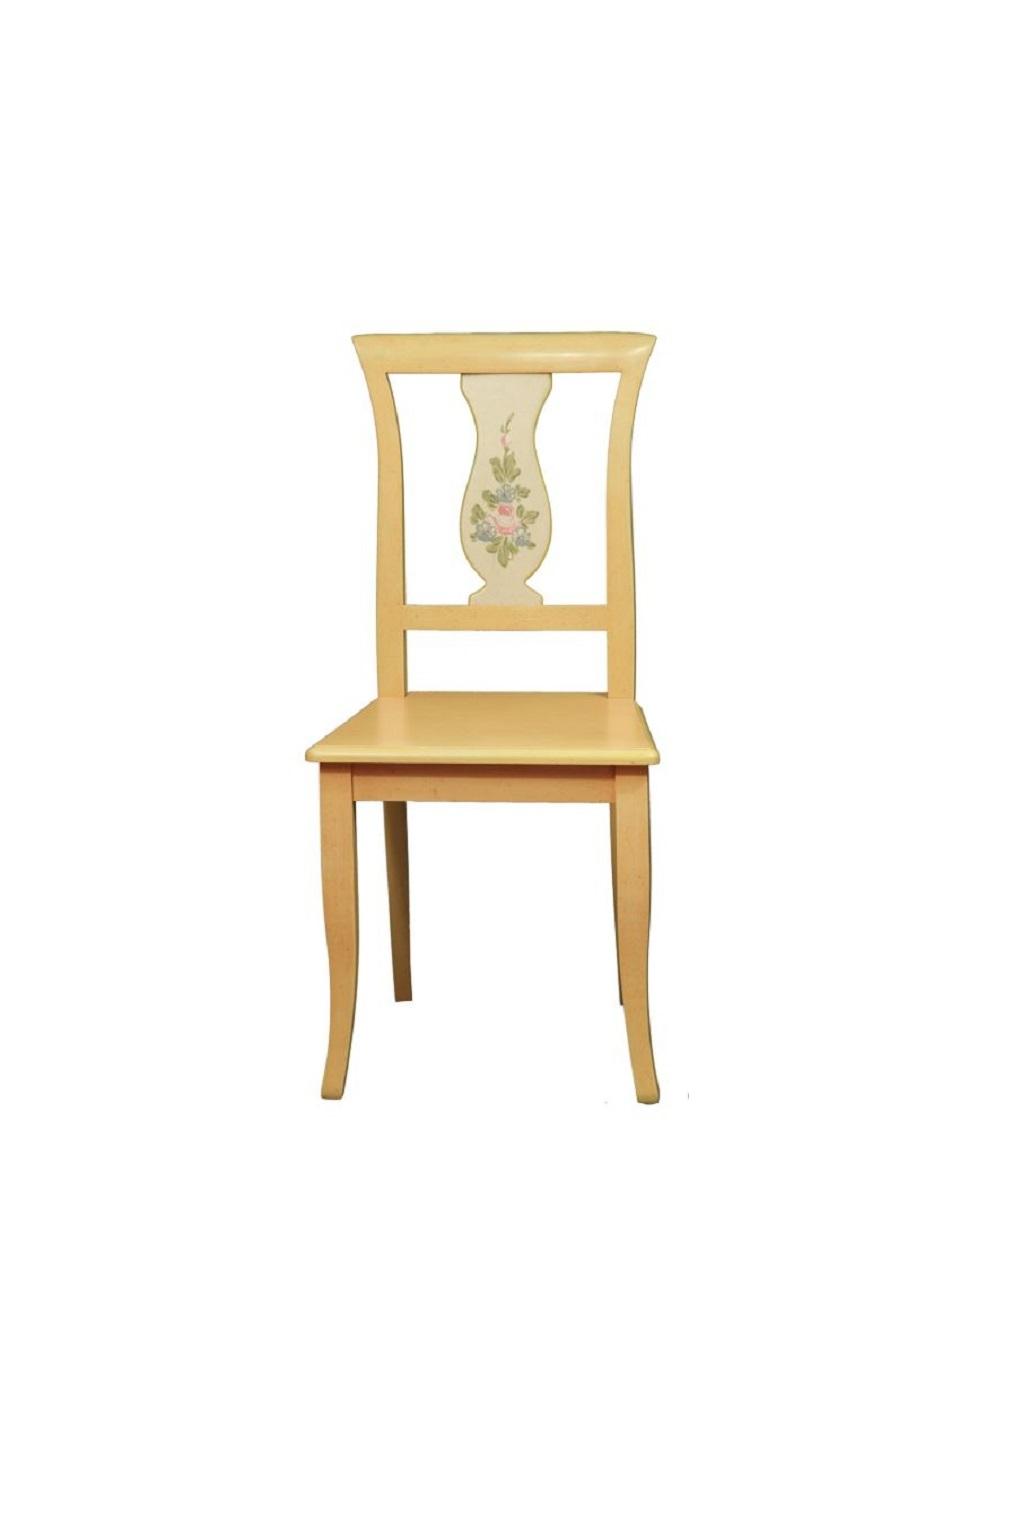 Sedia in legno decorata Nella